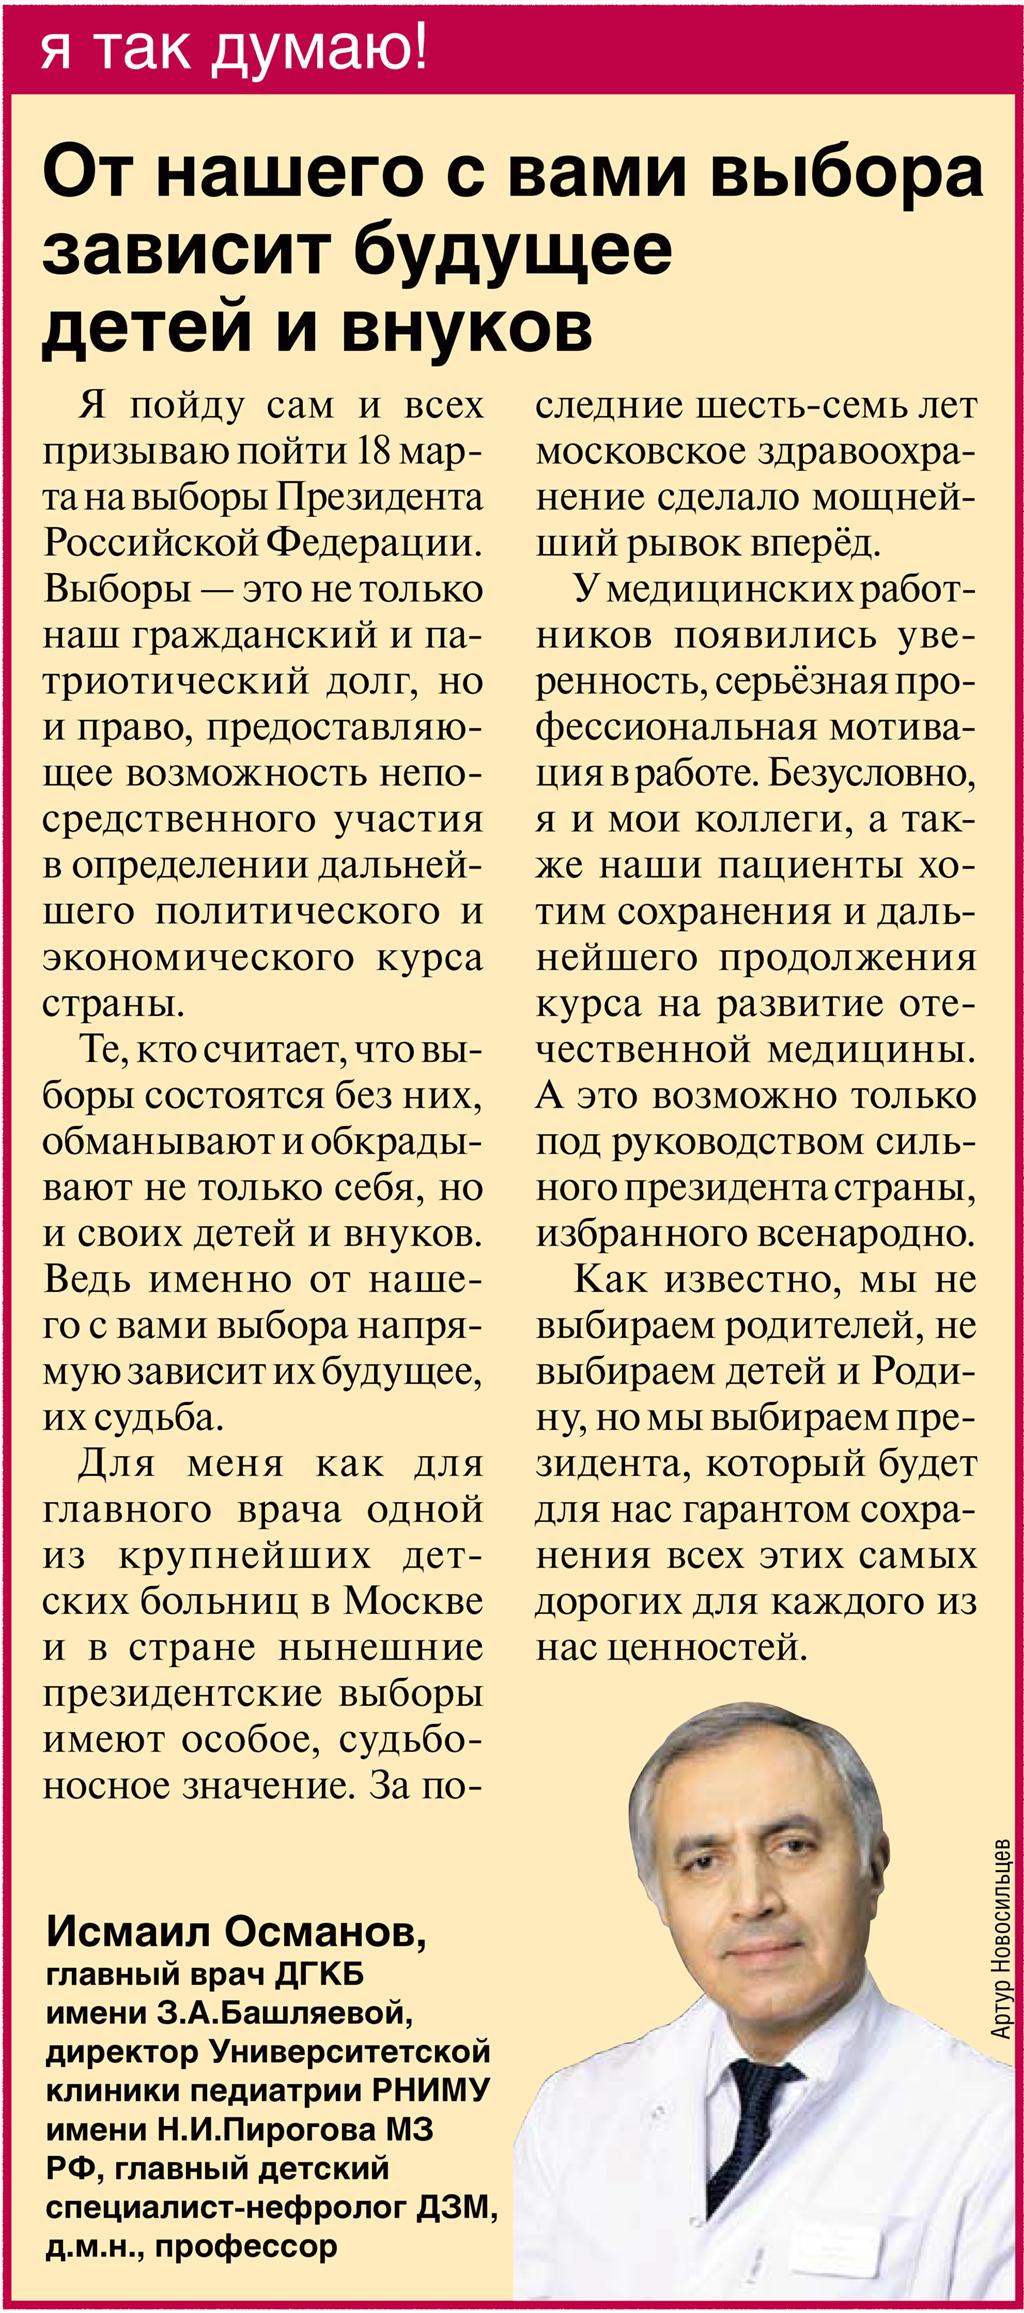 Cтатья главного врача ГБУЗ «ДГКБ им. З.А. Башляевой ДЗМ» И.М. Османова